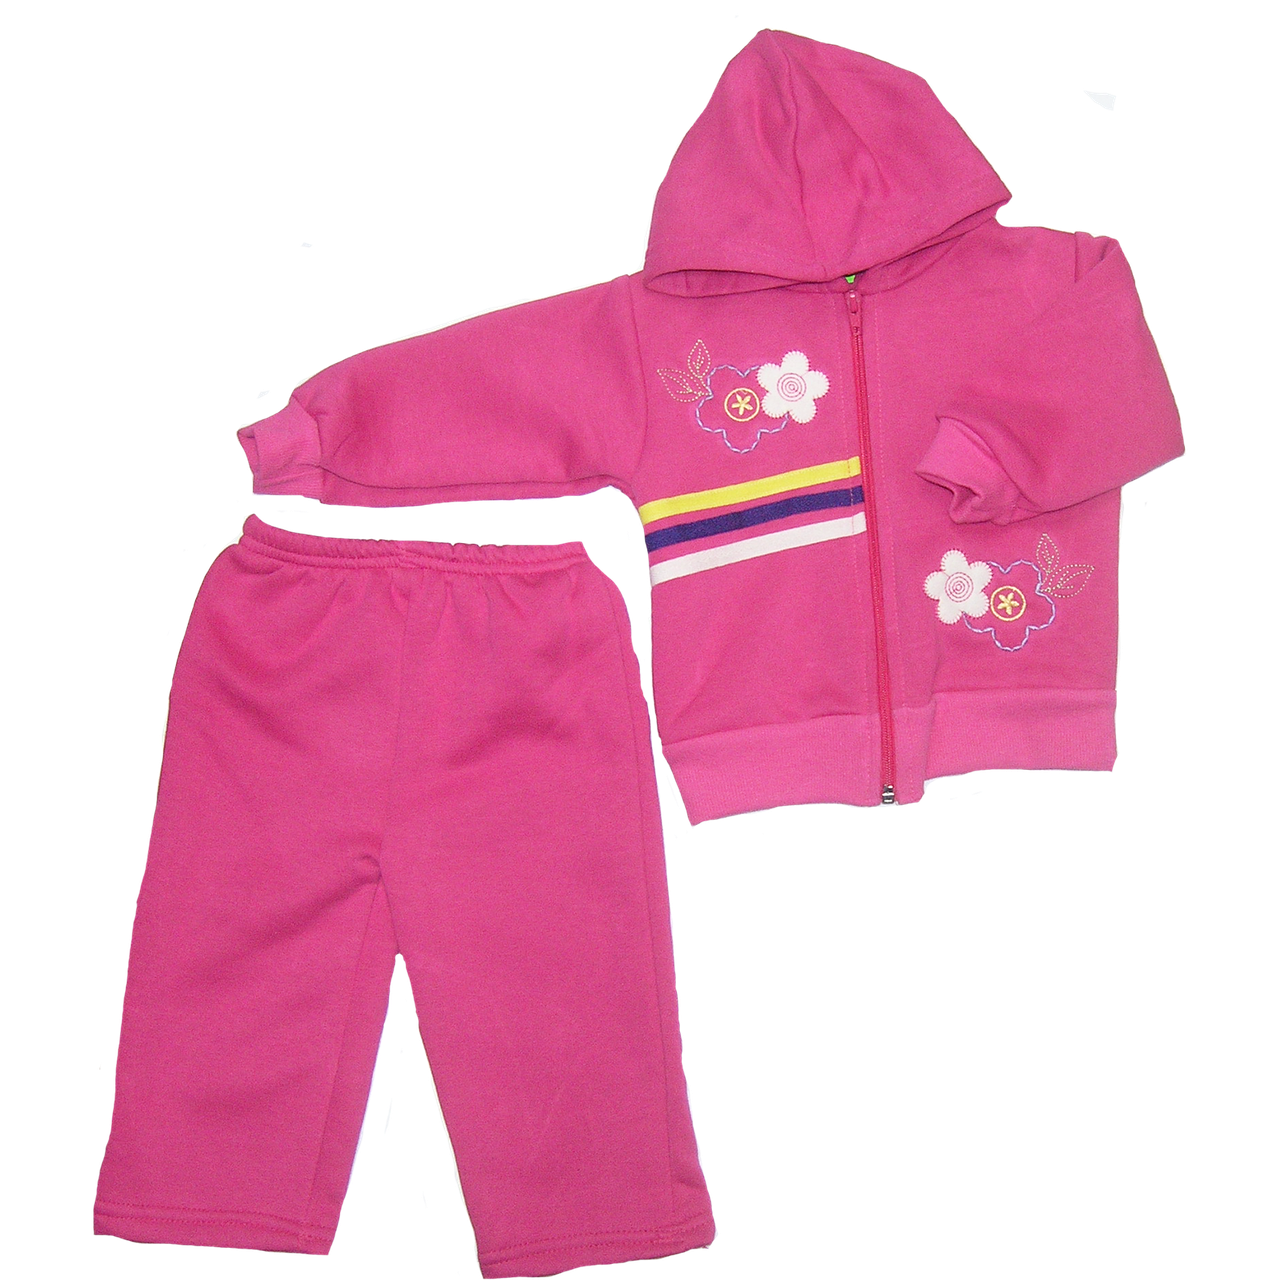 Теплая Детская Спортивная Толстовка С Капюшоном На Молнии Для Малышей